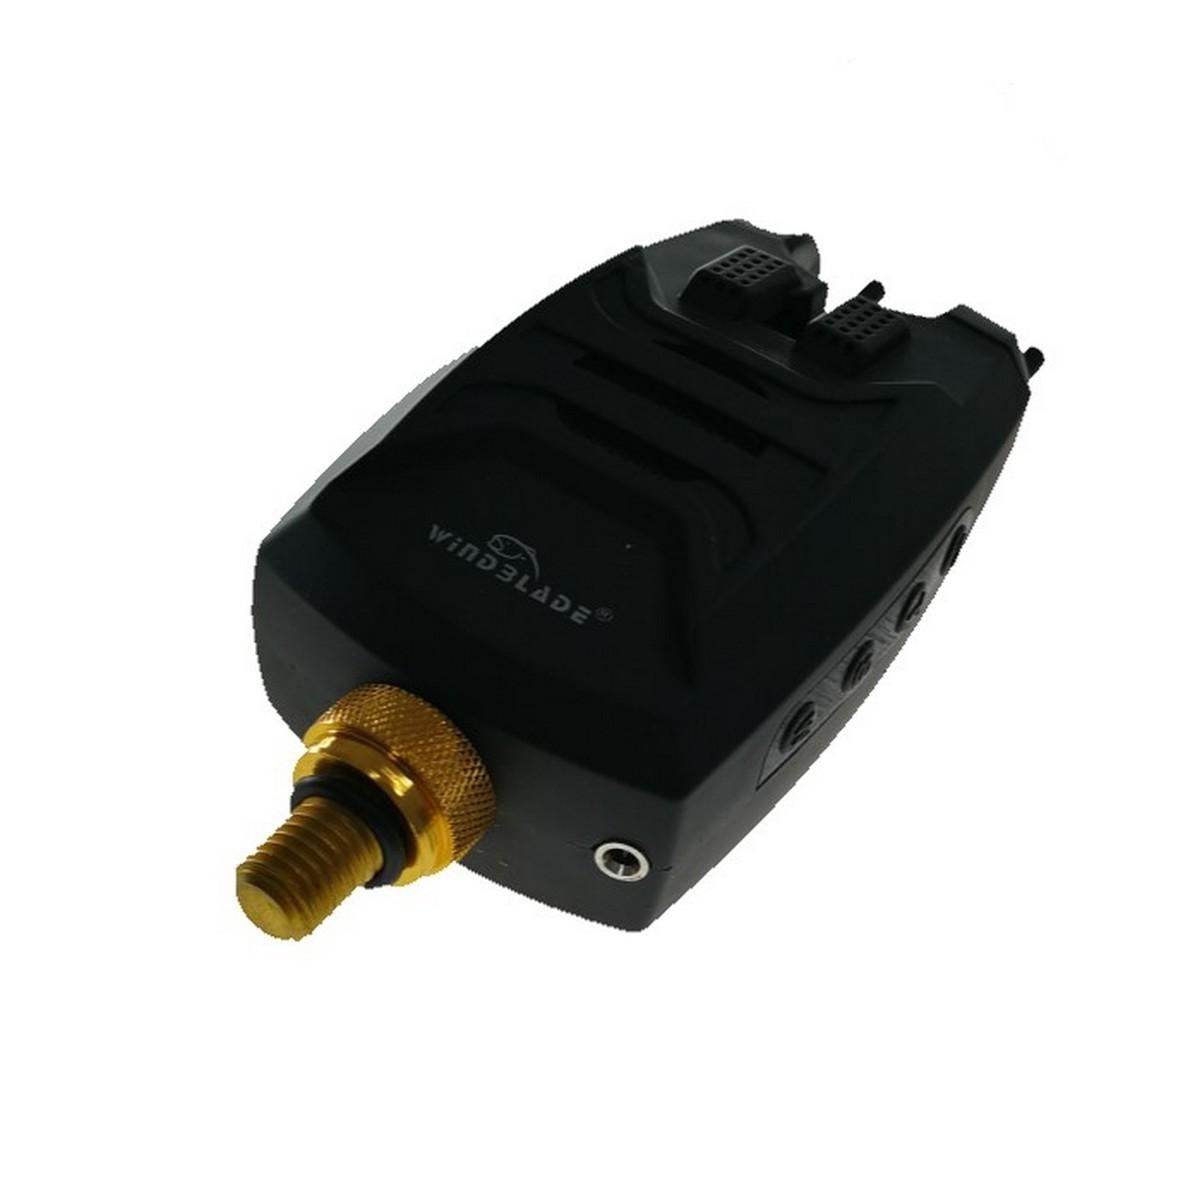 Комплект безжични сигнализатори Wind Blade Gold 4+1